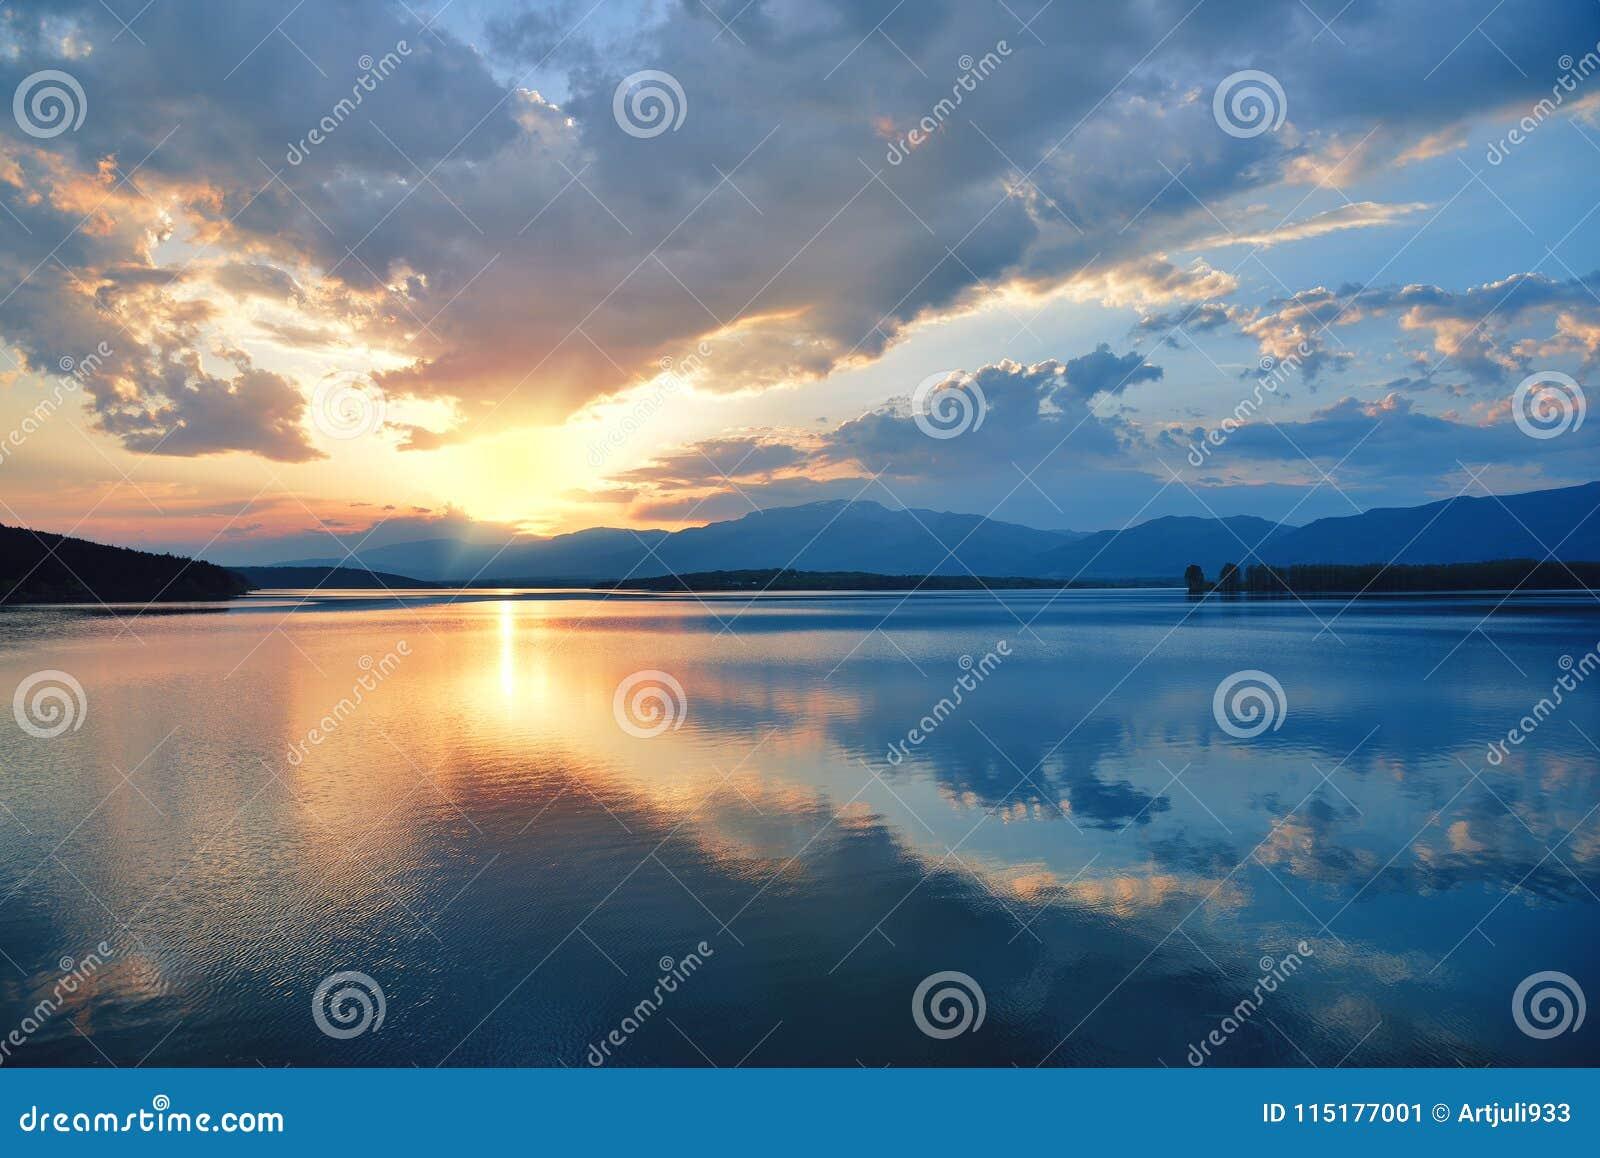 Puesta del sol increíblemente hermosa Sun, lago Puesta del sol o paisaje de la salida del sol, panorama de la naturaleza hermosa